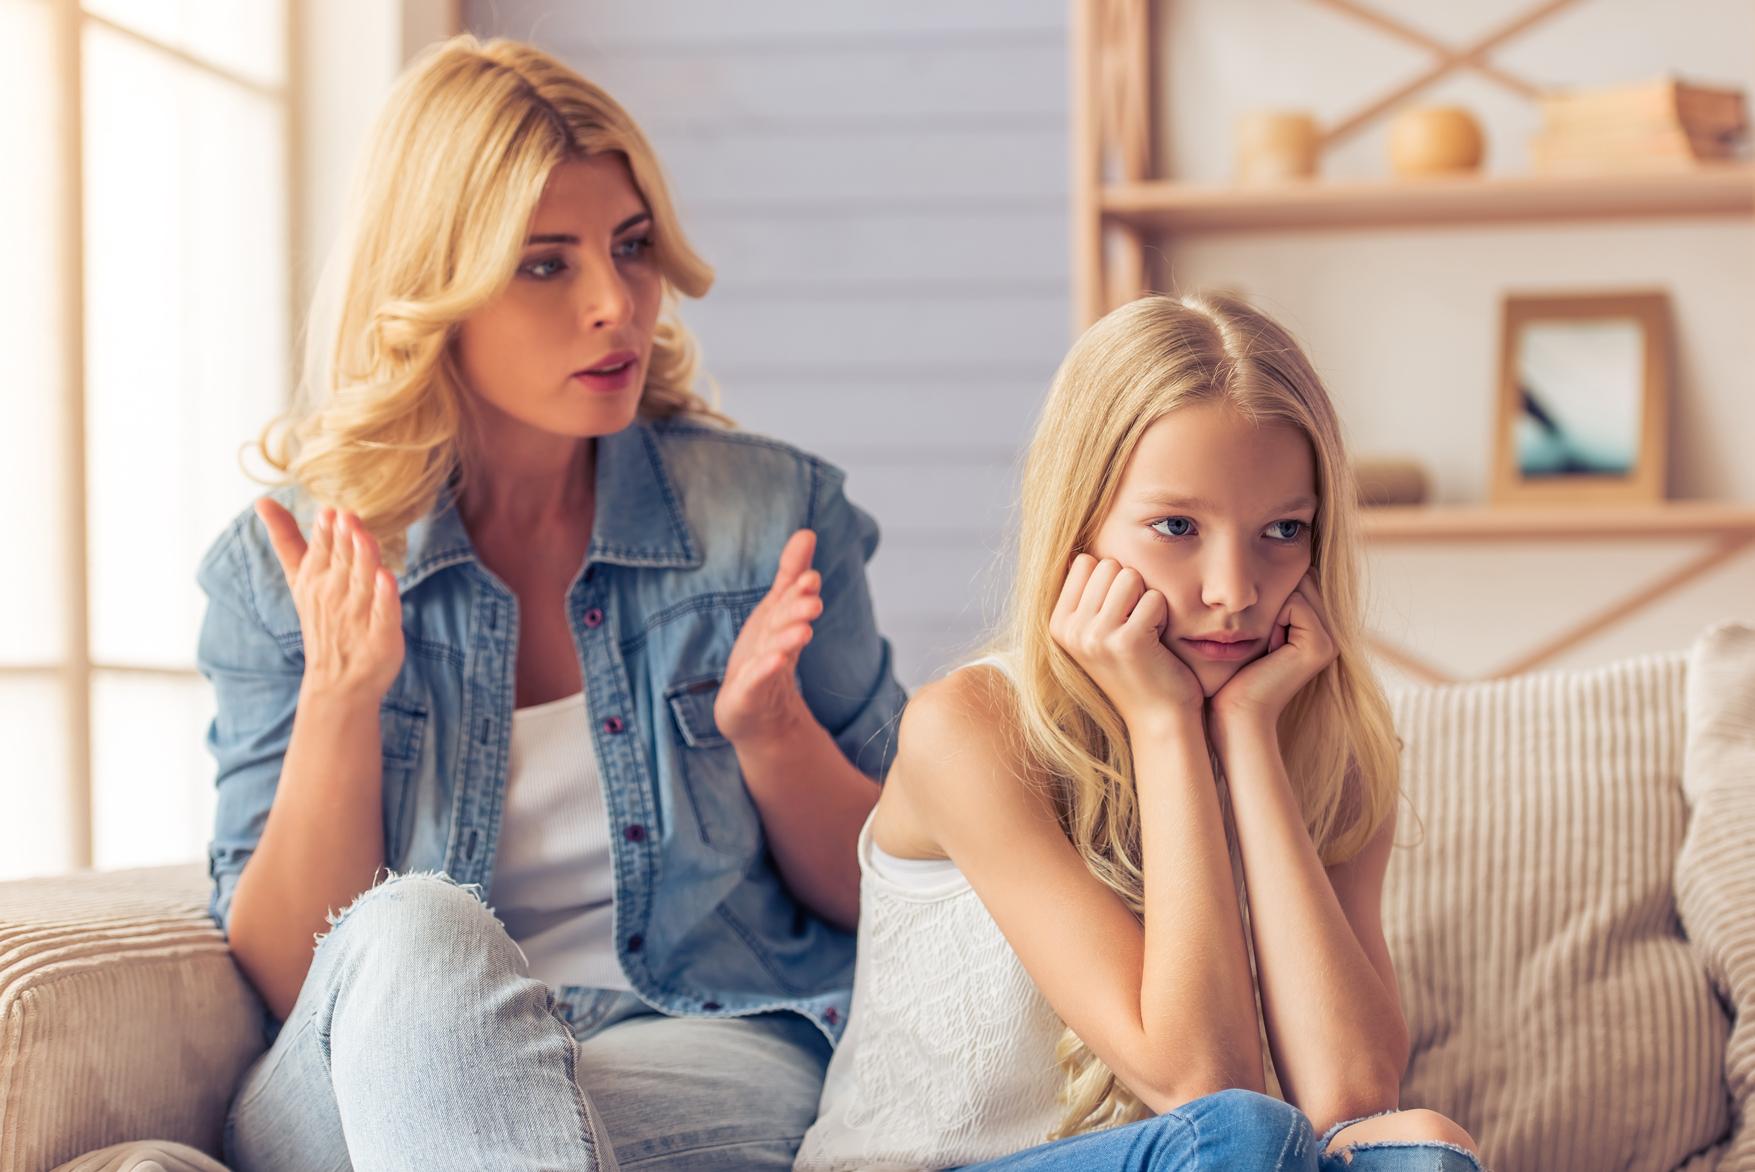 Çocuklarda Ergenliğe Geçiş Dönemi